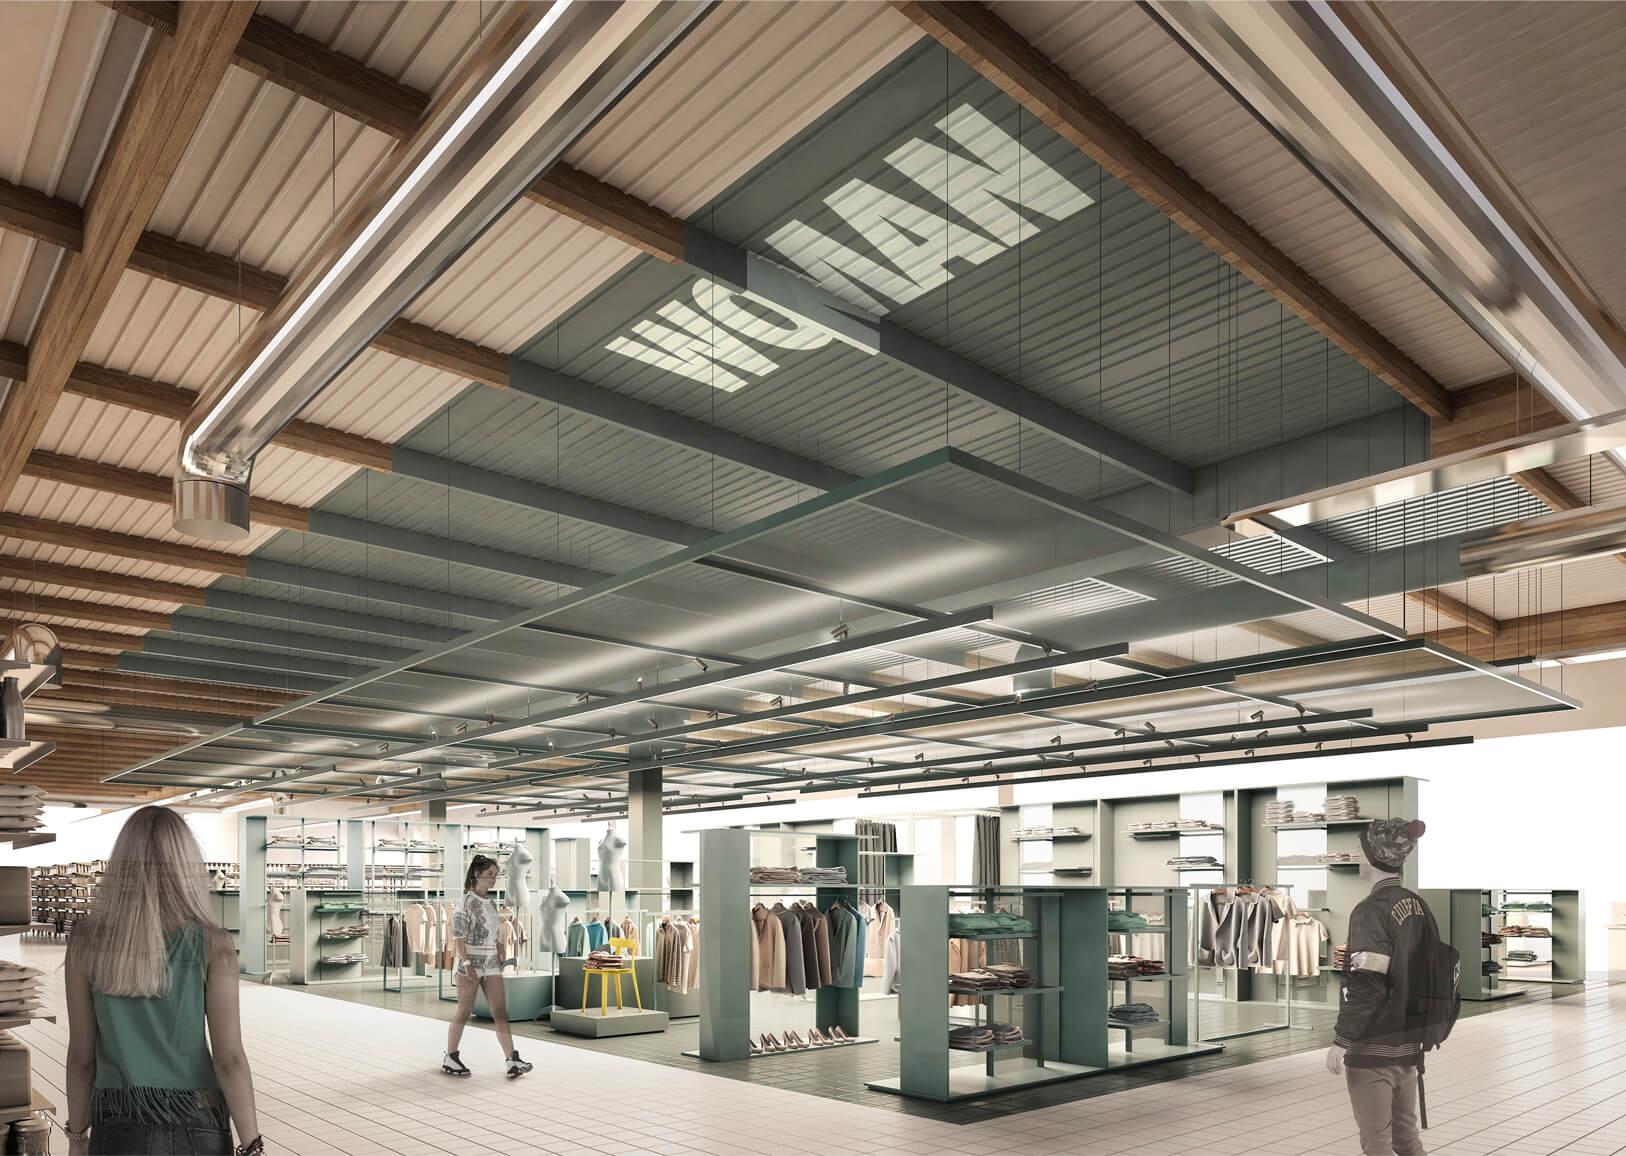 46-Retail - Castel arquitectura